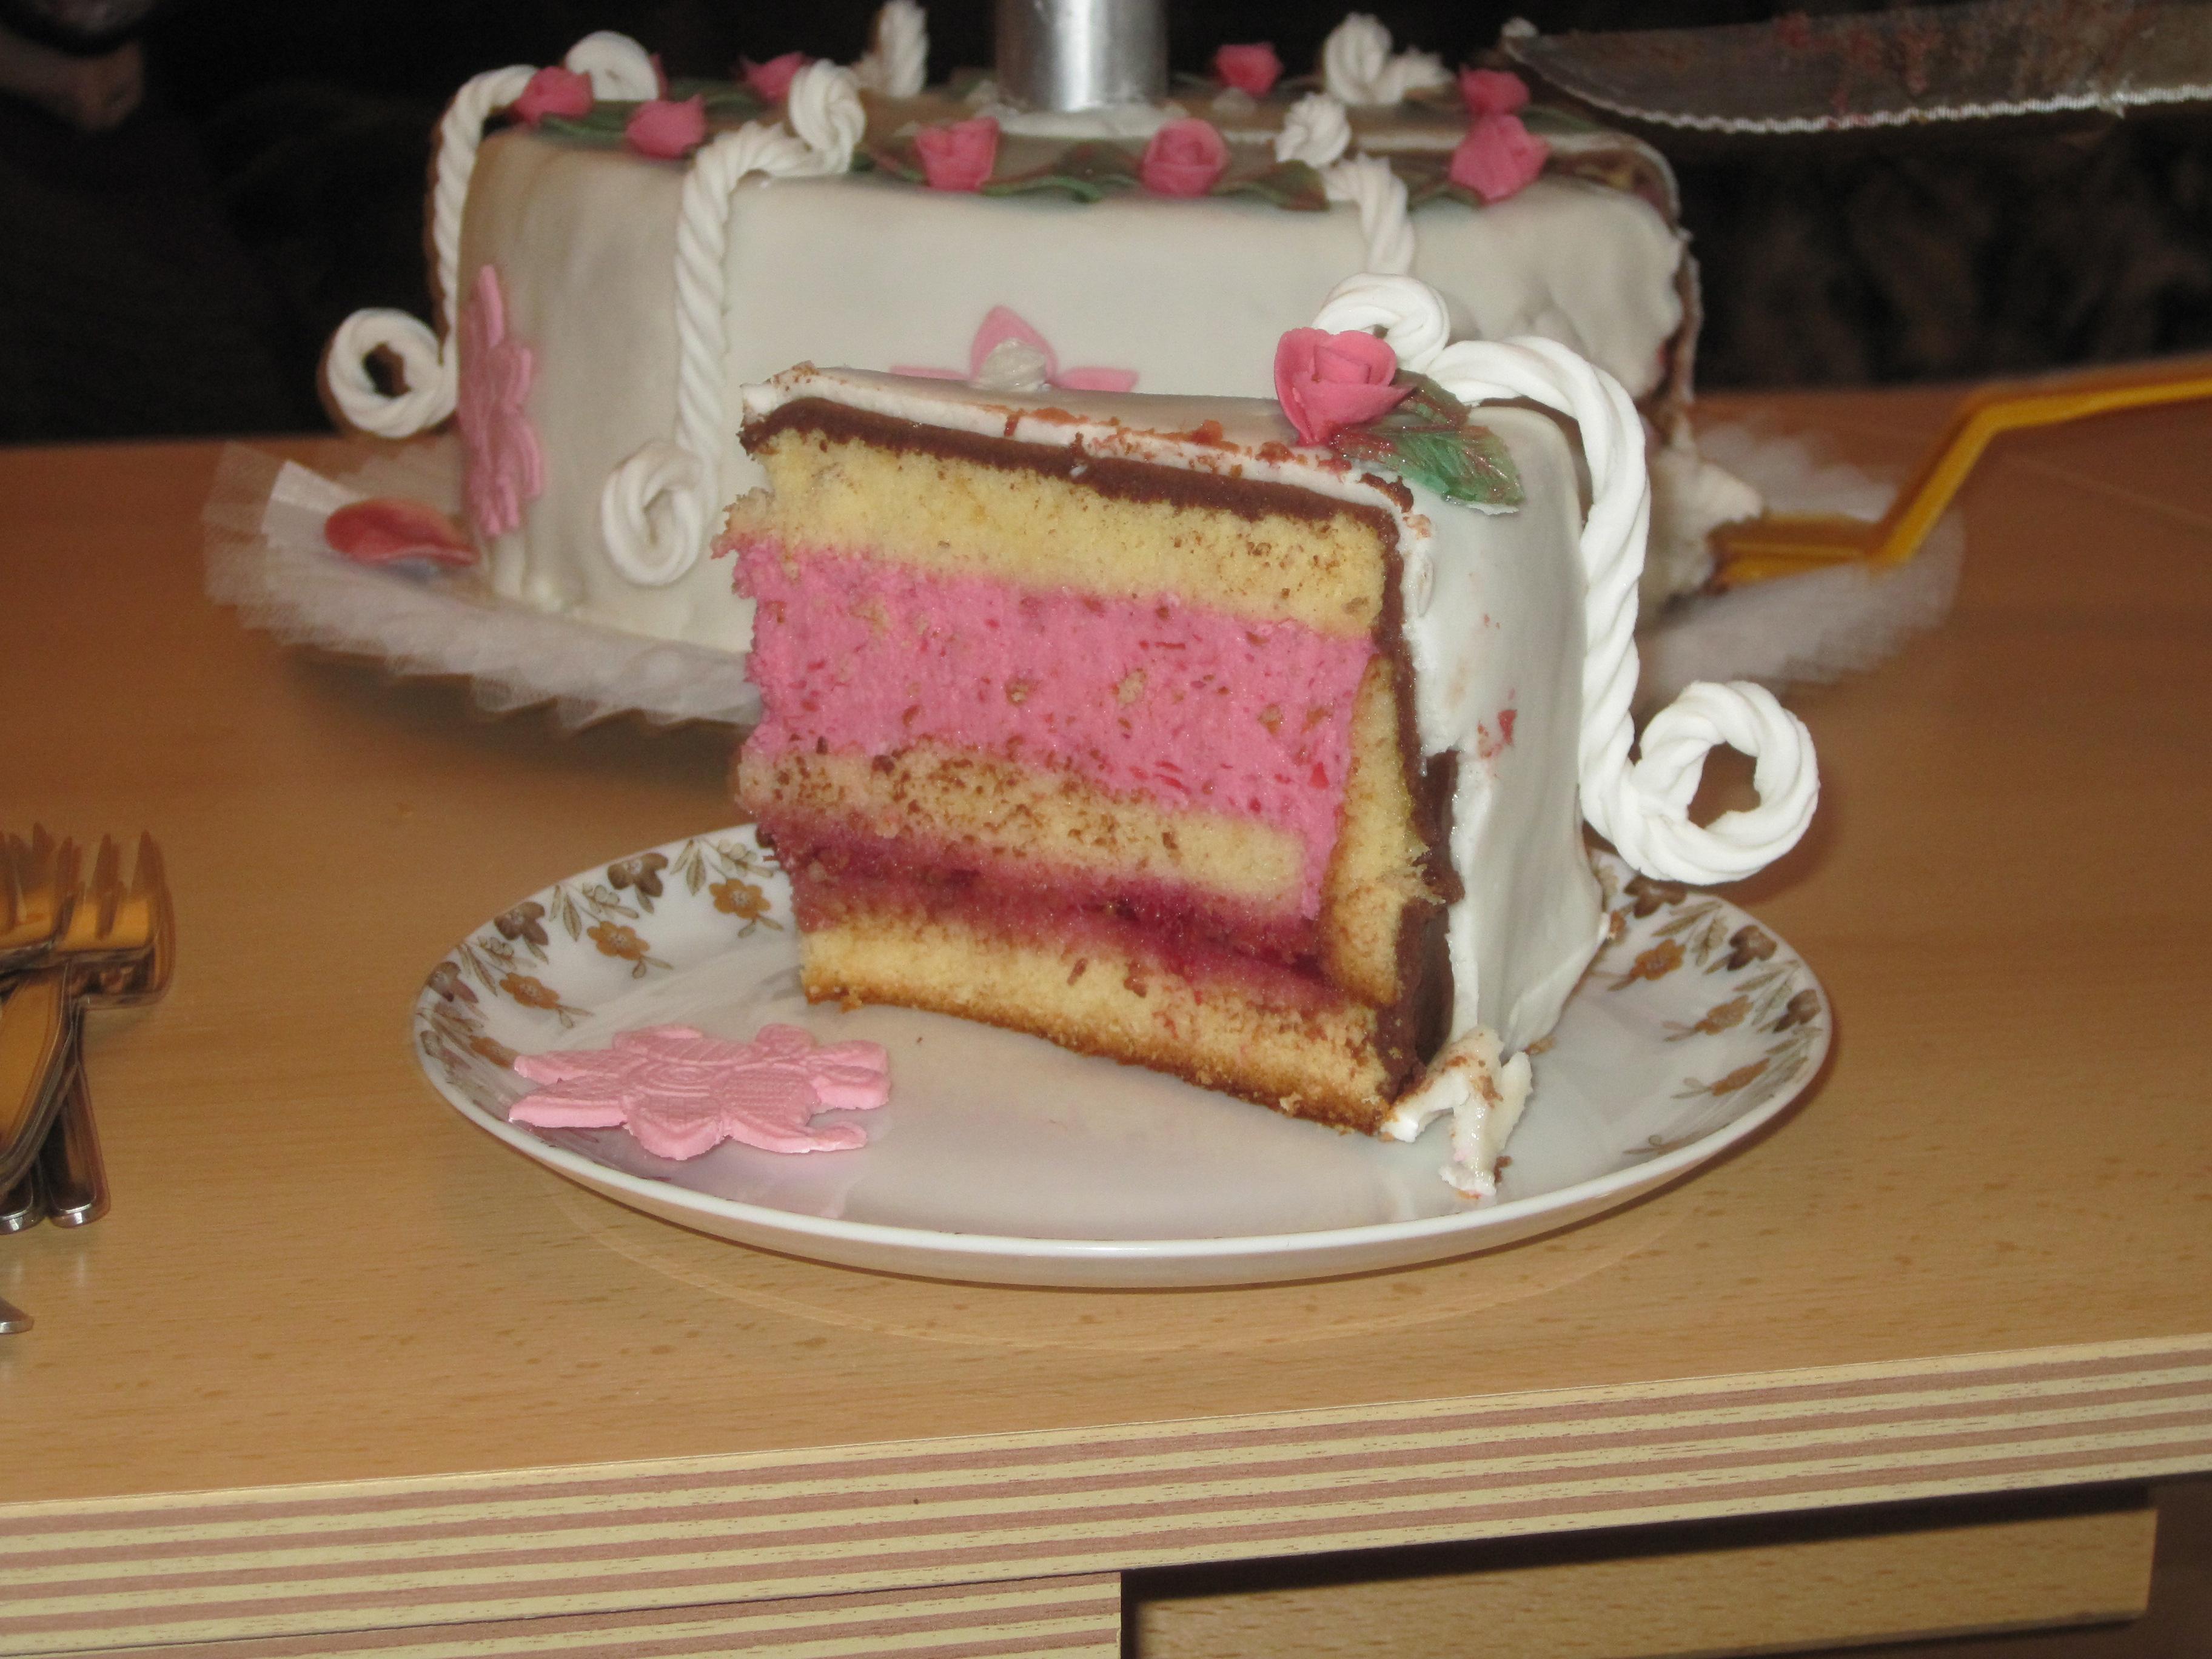 ... Anlässe 1. » Doppelstöckige Torte zur Diamantenen Hochzeit